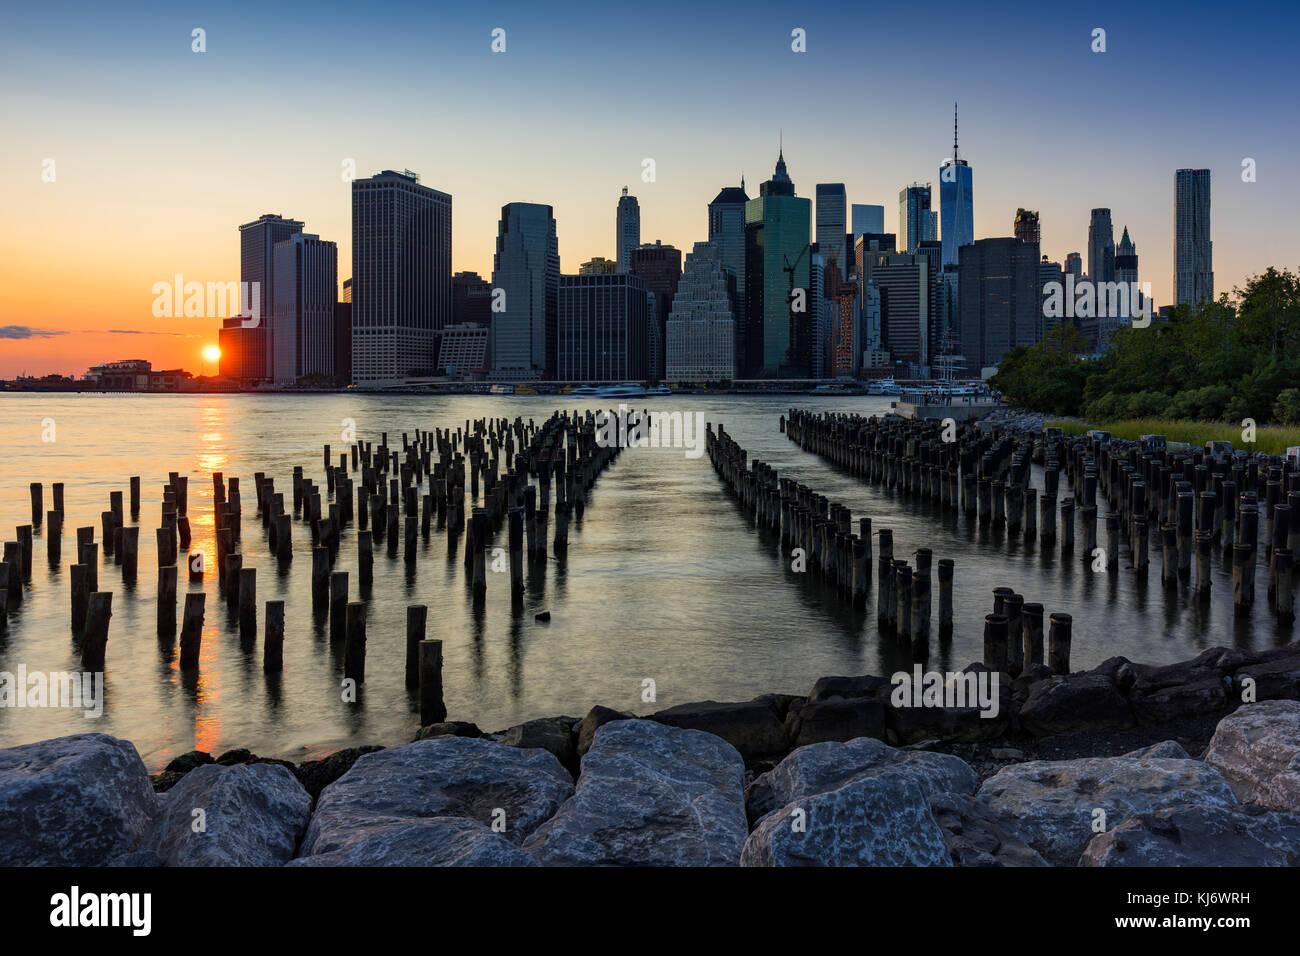 Grattacieli di Manhattan e palificazioni di legno al tramonto dal ponte di Brooklyn Park. Manhattan, New York City Immagini Stock